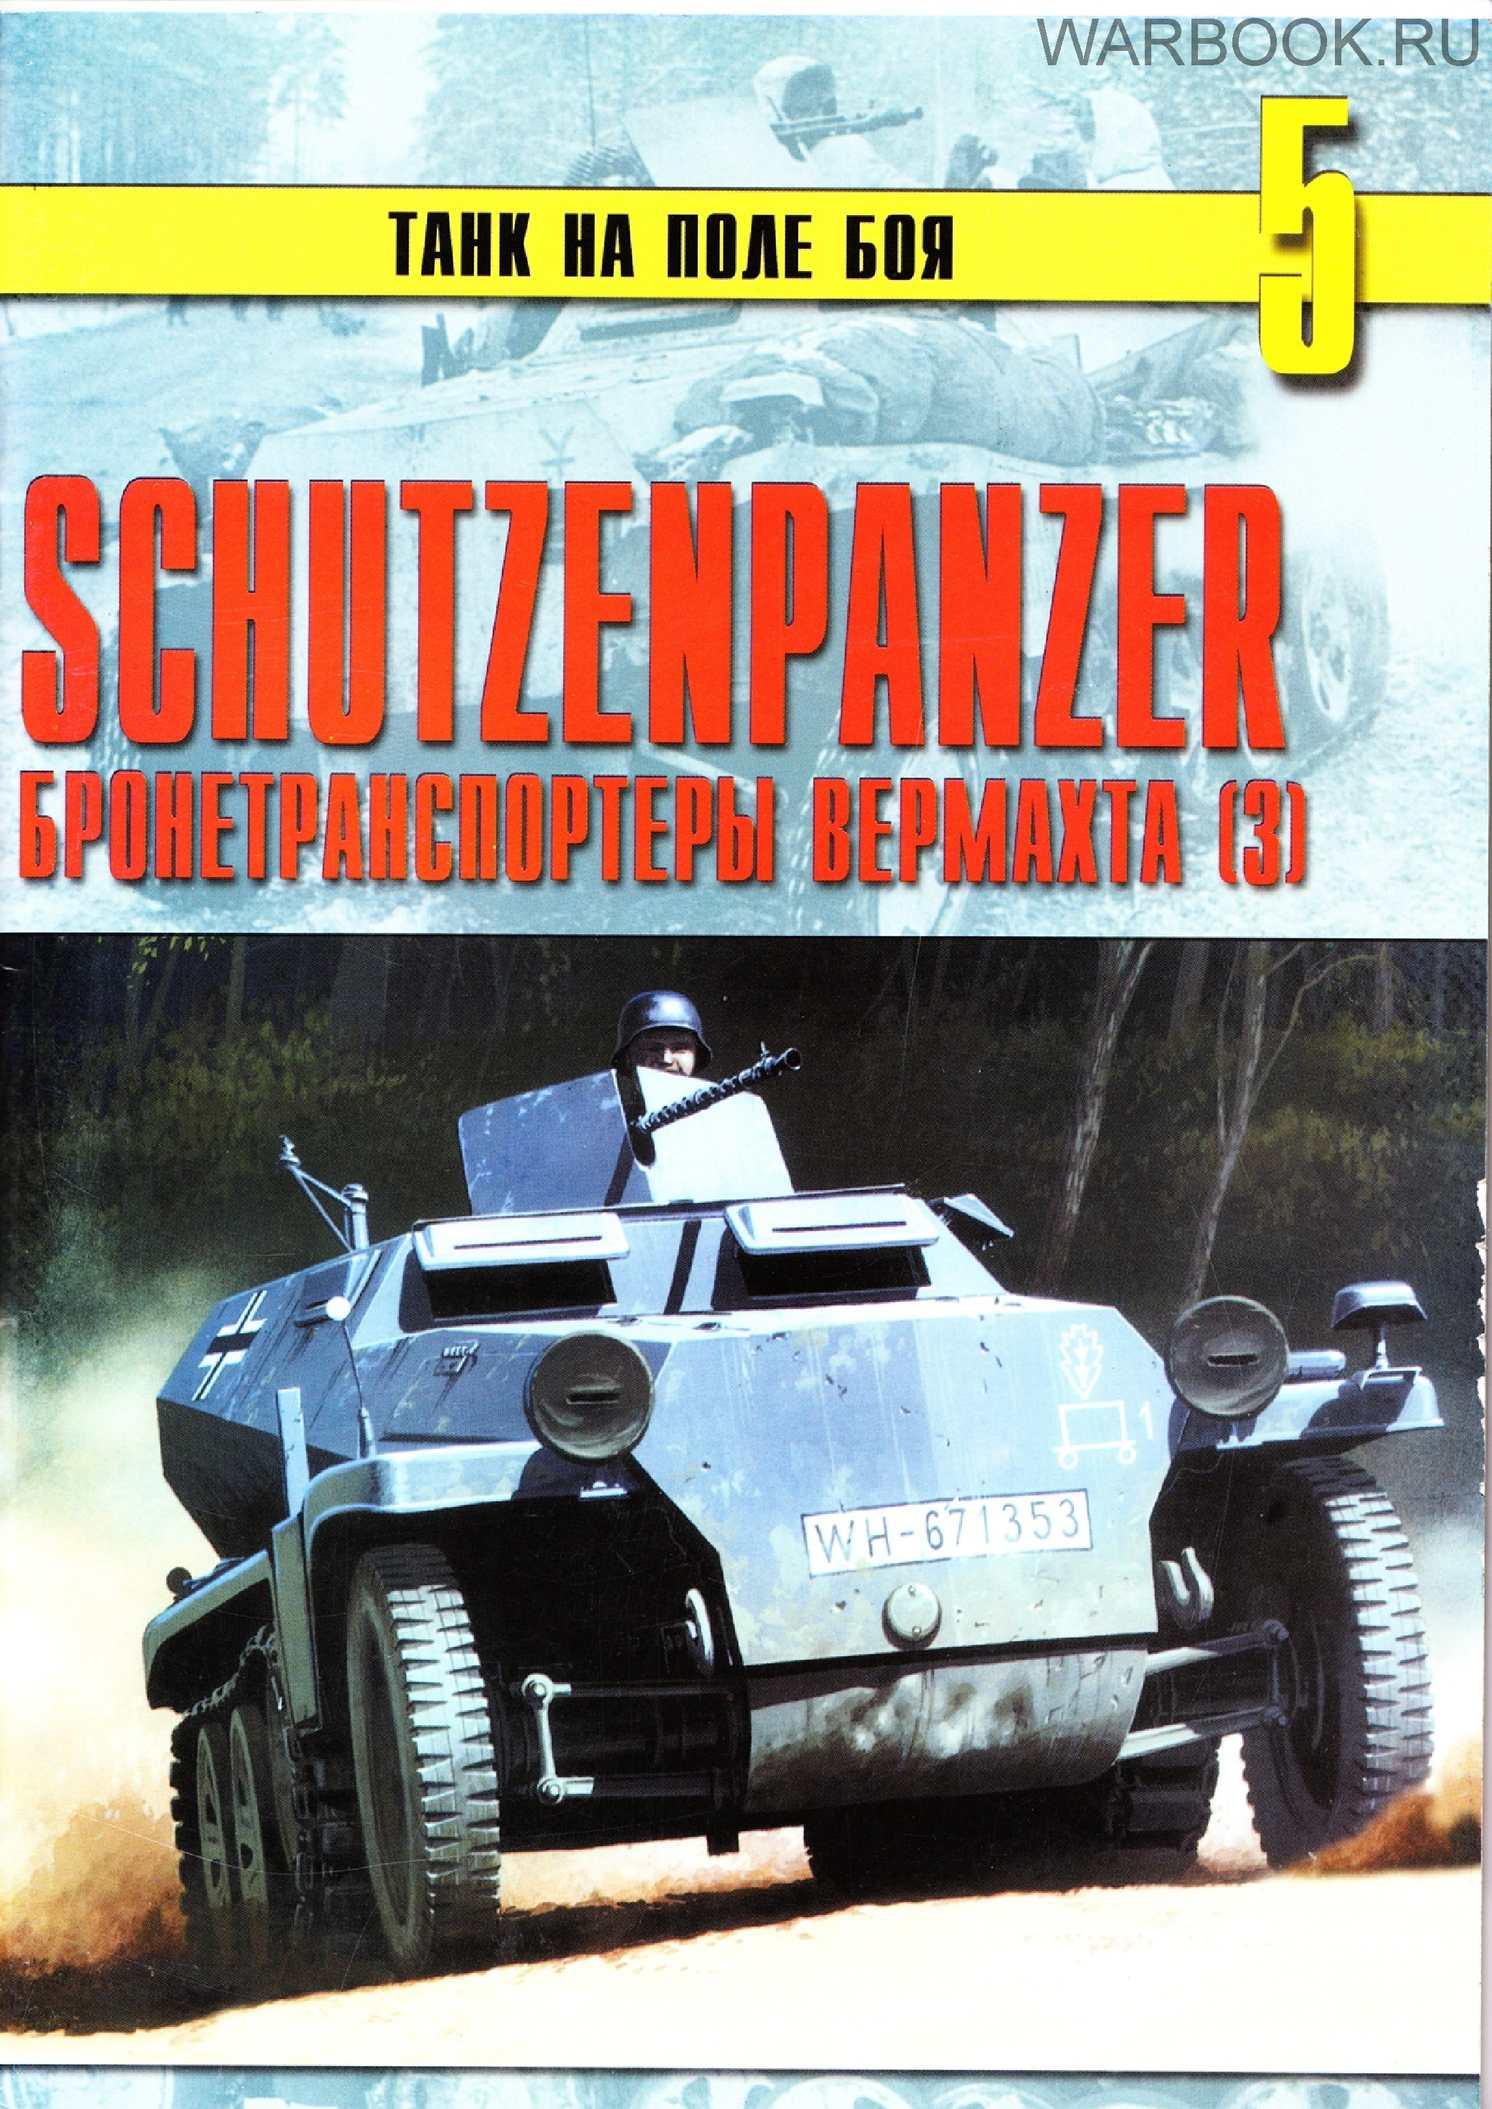 Танк на поле боя 05 - Schutzenpanzer. Бронетранспортеры вермахта ч3